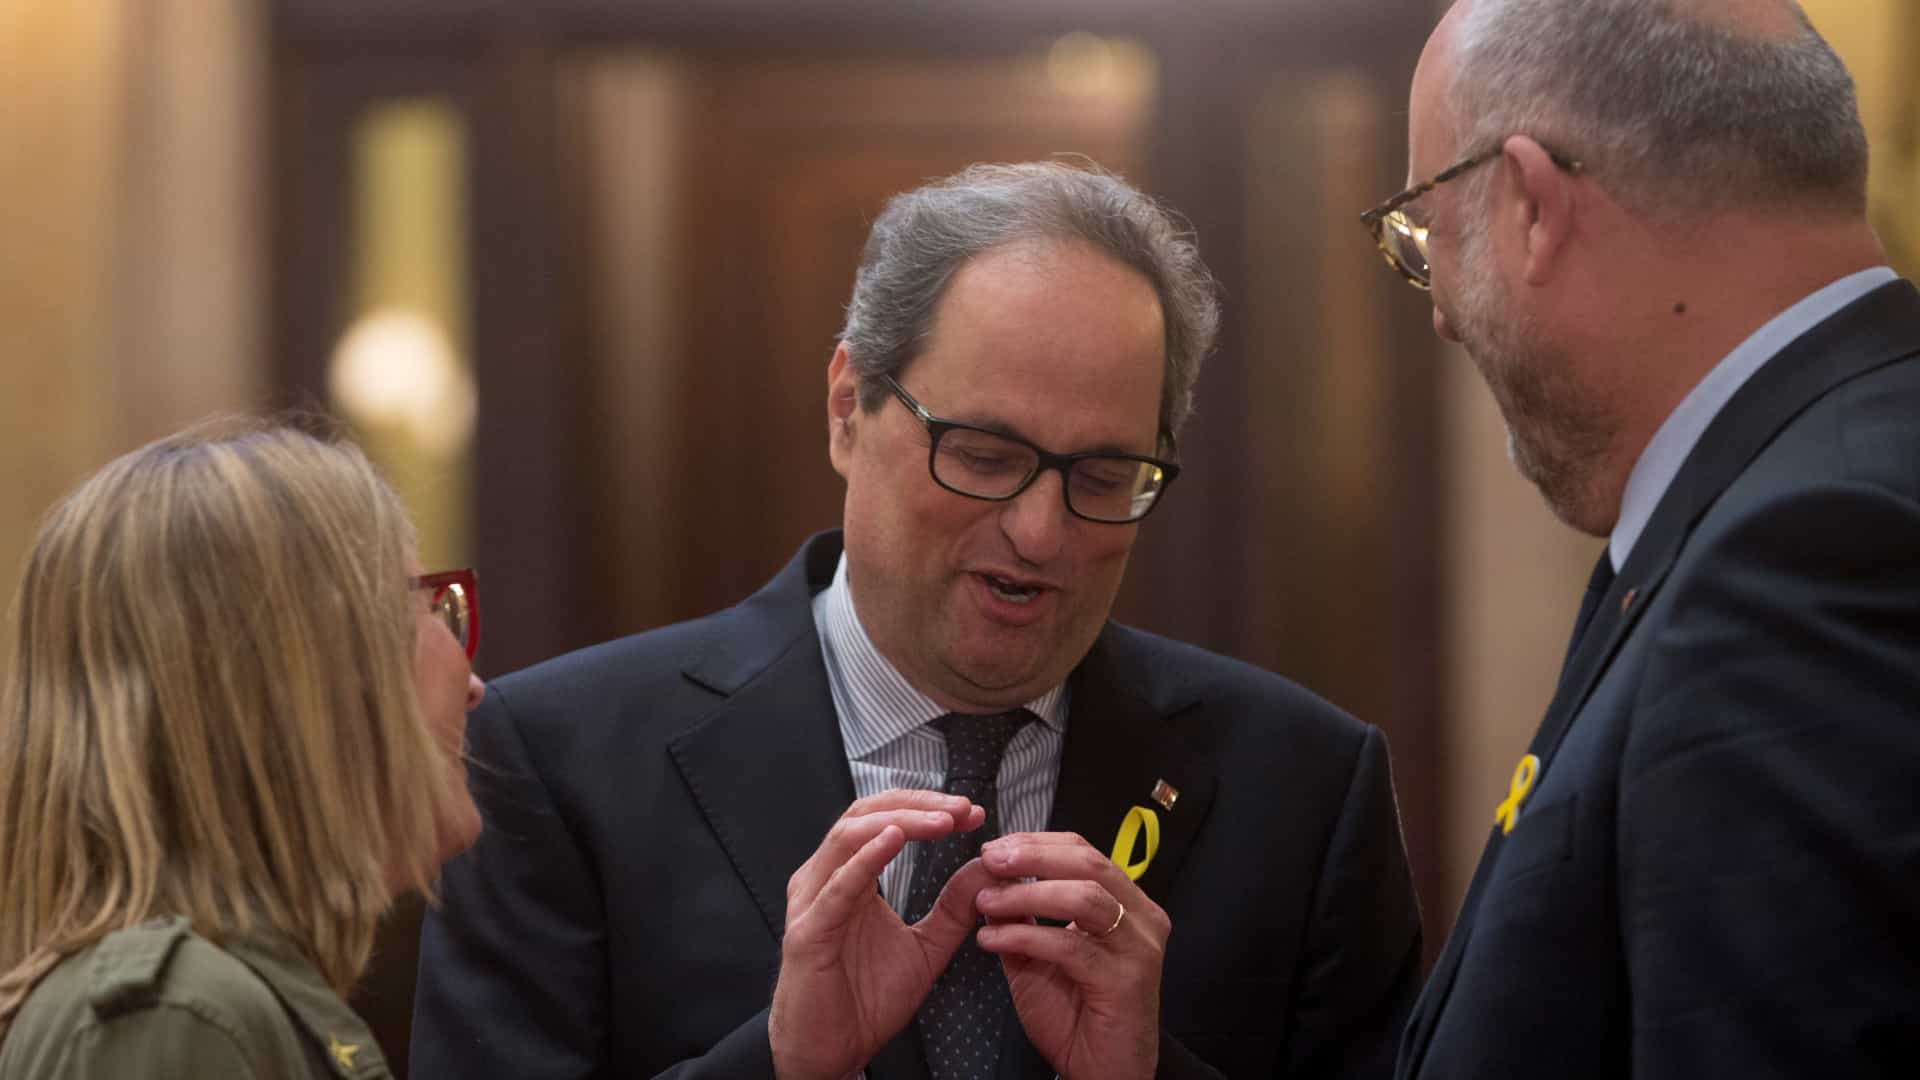 Catalunha: radicais dão sinal verde para eleição de presidente separatista